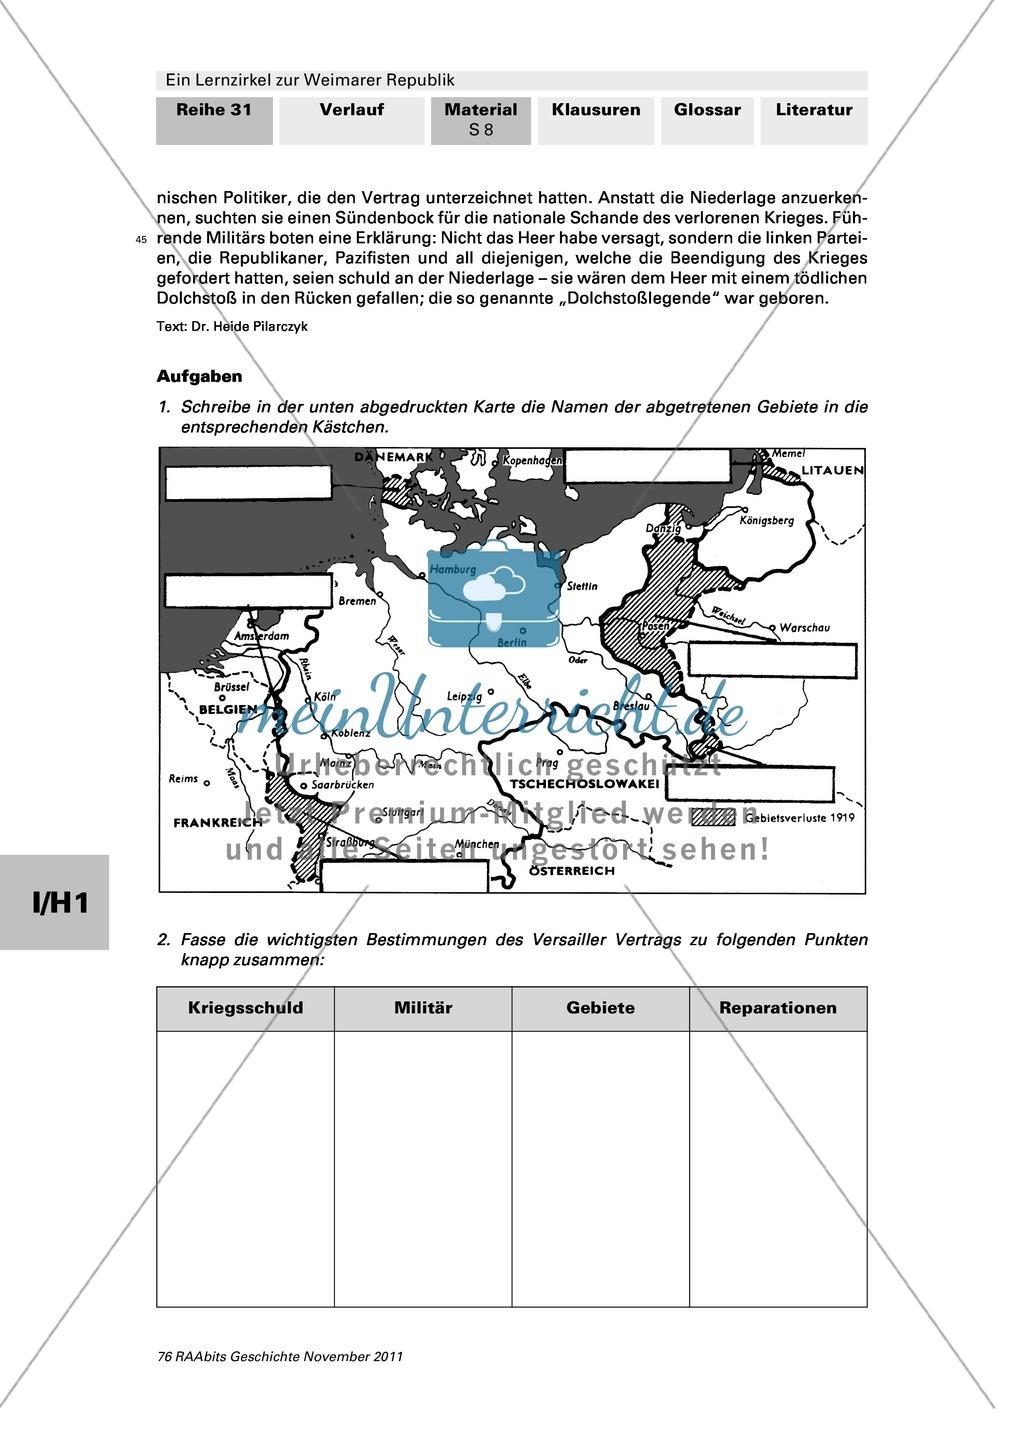 Fantastisch Arbeitsblatt Funktioniert Bildkoordinaten Bilder - Super ...